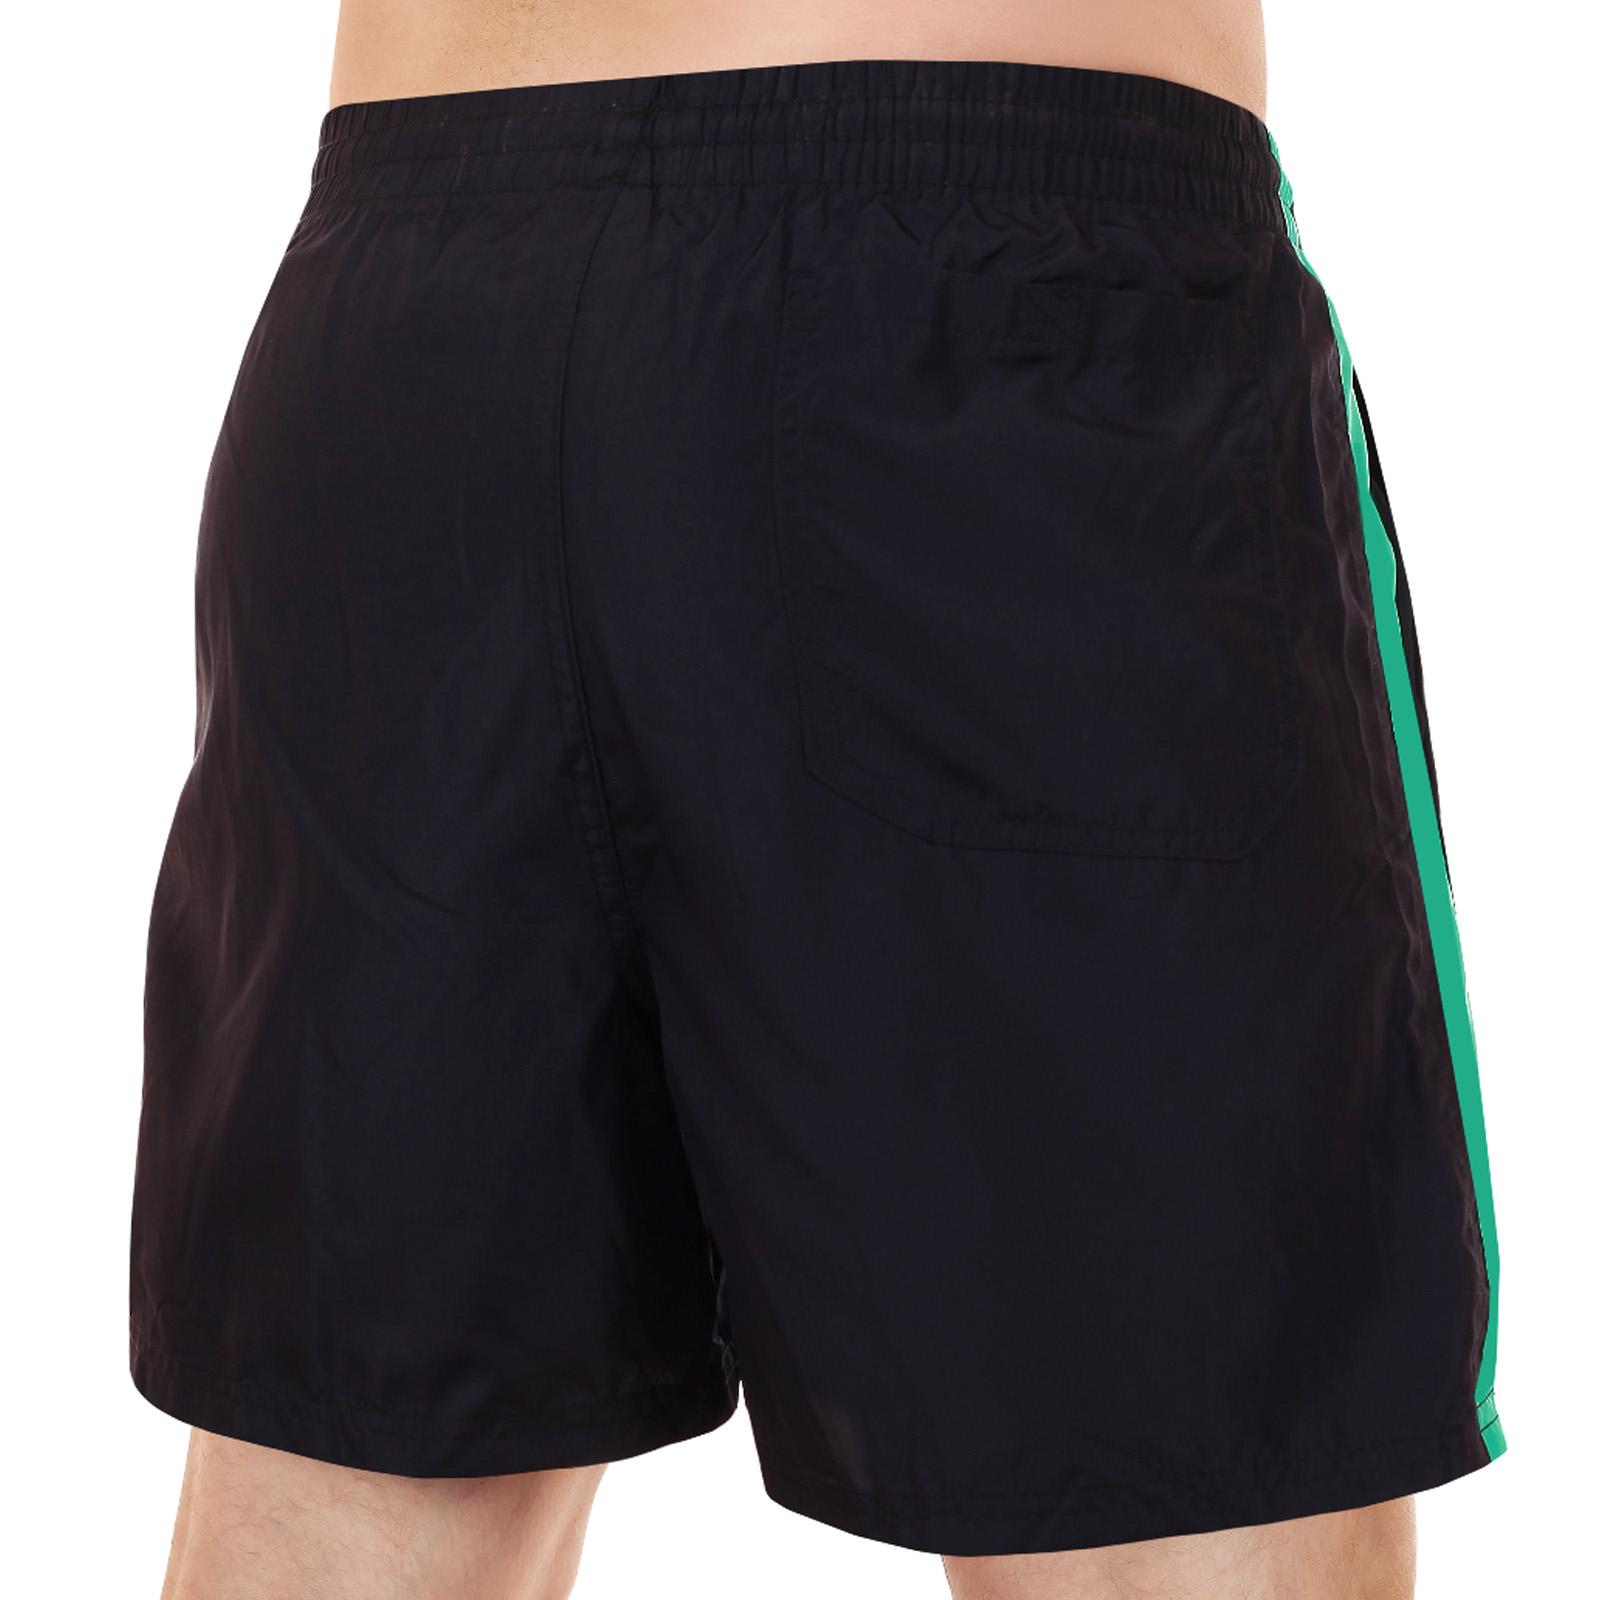 Клёвые шорты мужские для купания и спорта от MACE по лучшей цене